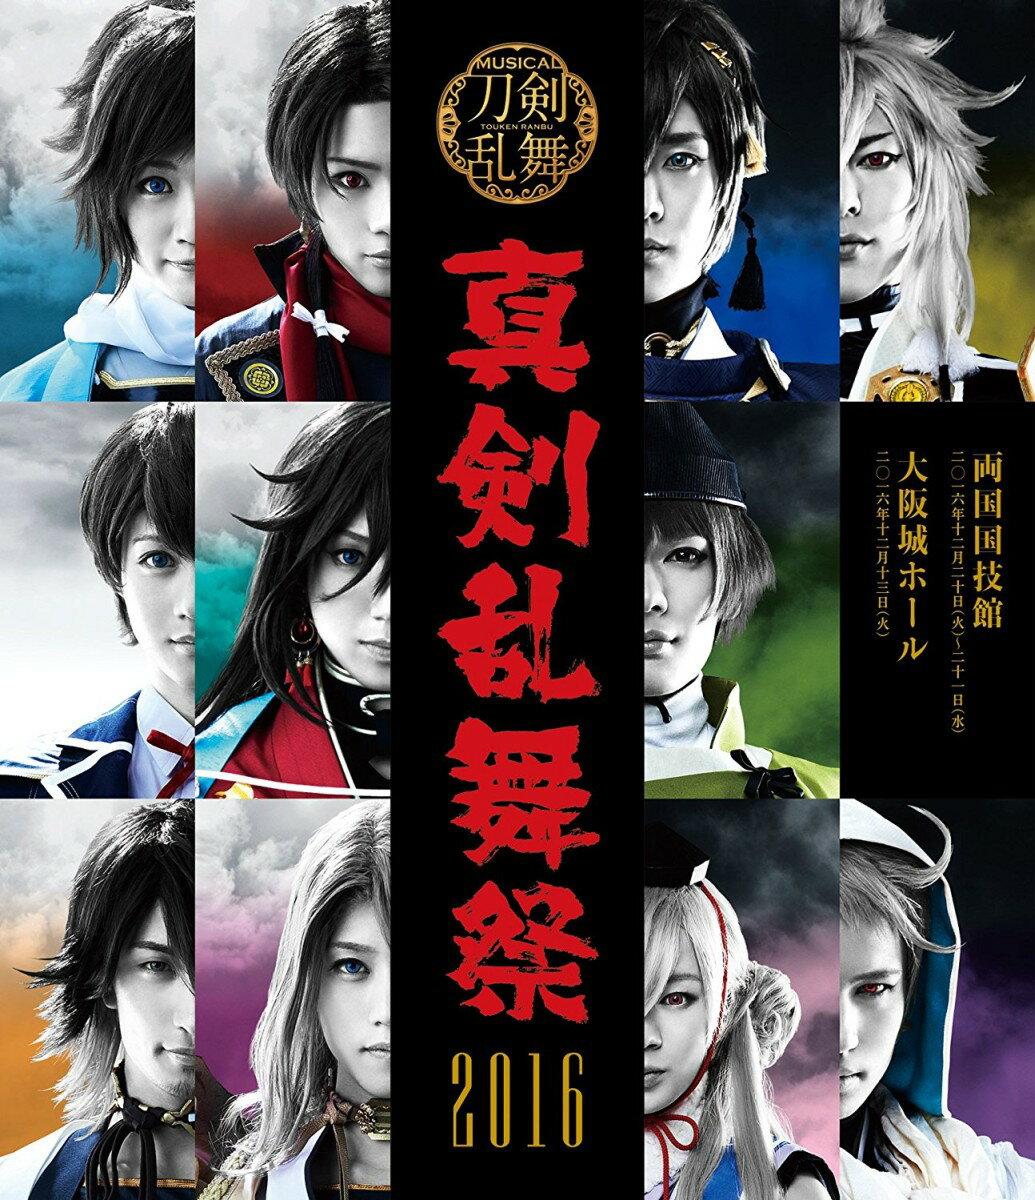 ミュージカル『刀剣乱舞』 〜真剣乱舞祭 2016〜【Blu-ray】 [ 黒羽麻璃央 ]